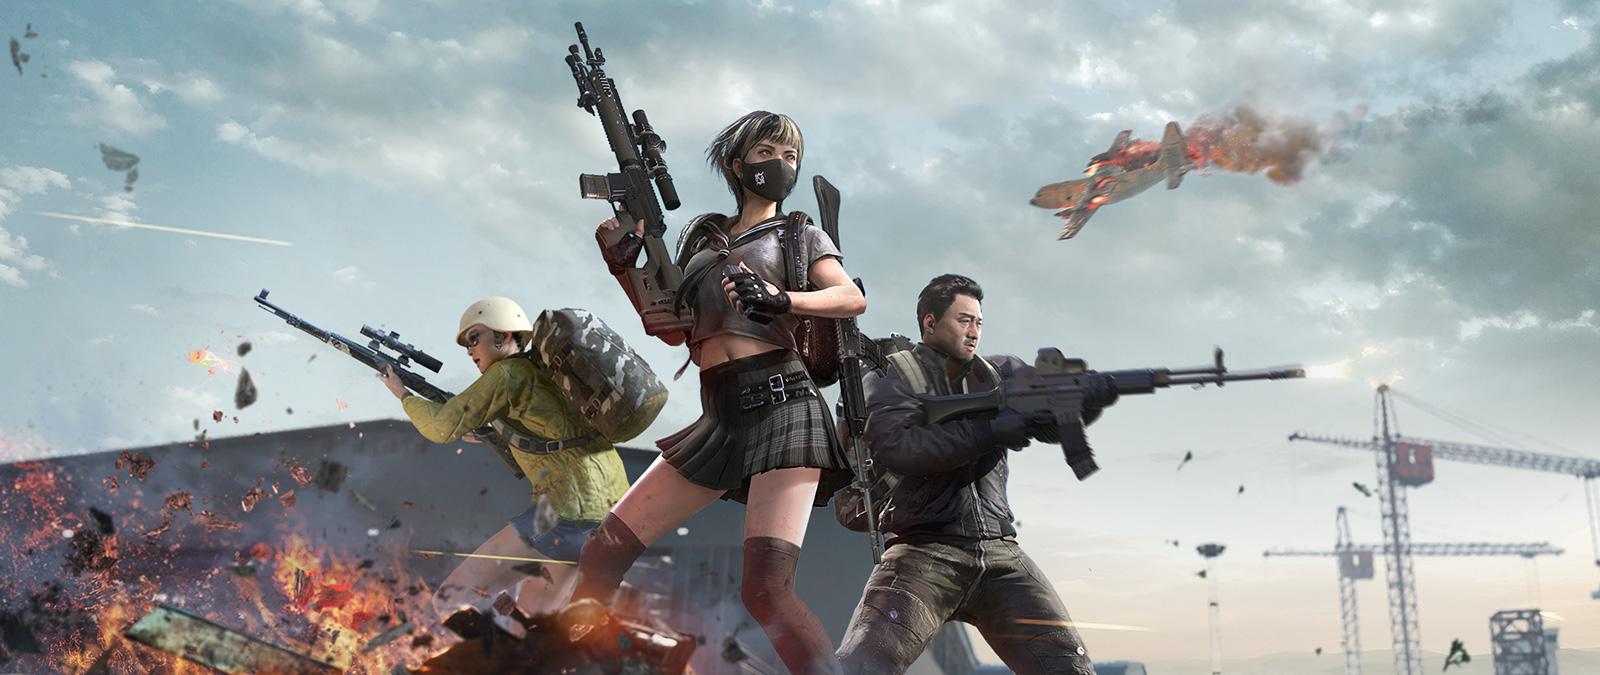 세 명의 캐릭터가 추락하는 비행기 아래에서 전장의 총성에 둘러싸여 있습니다.